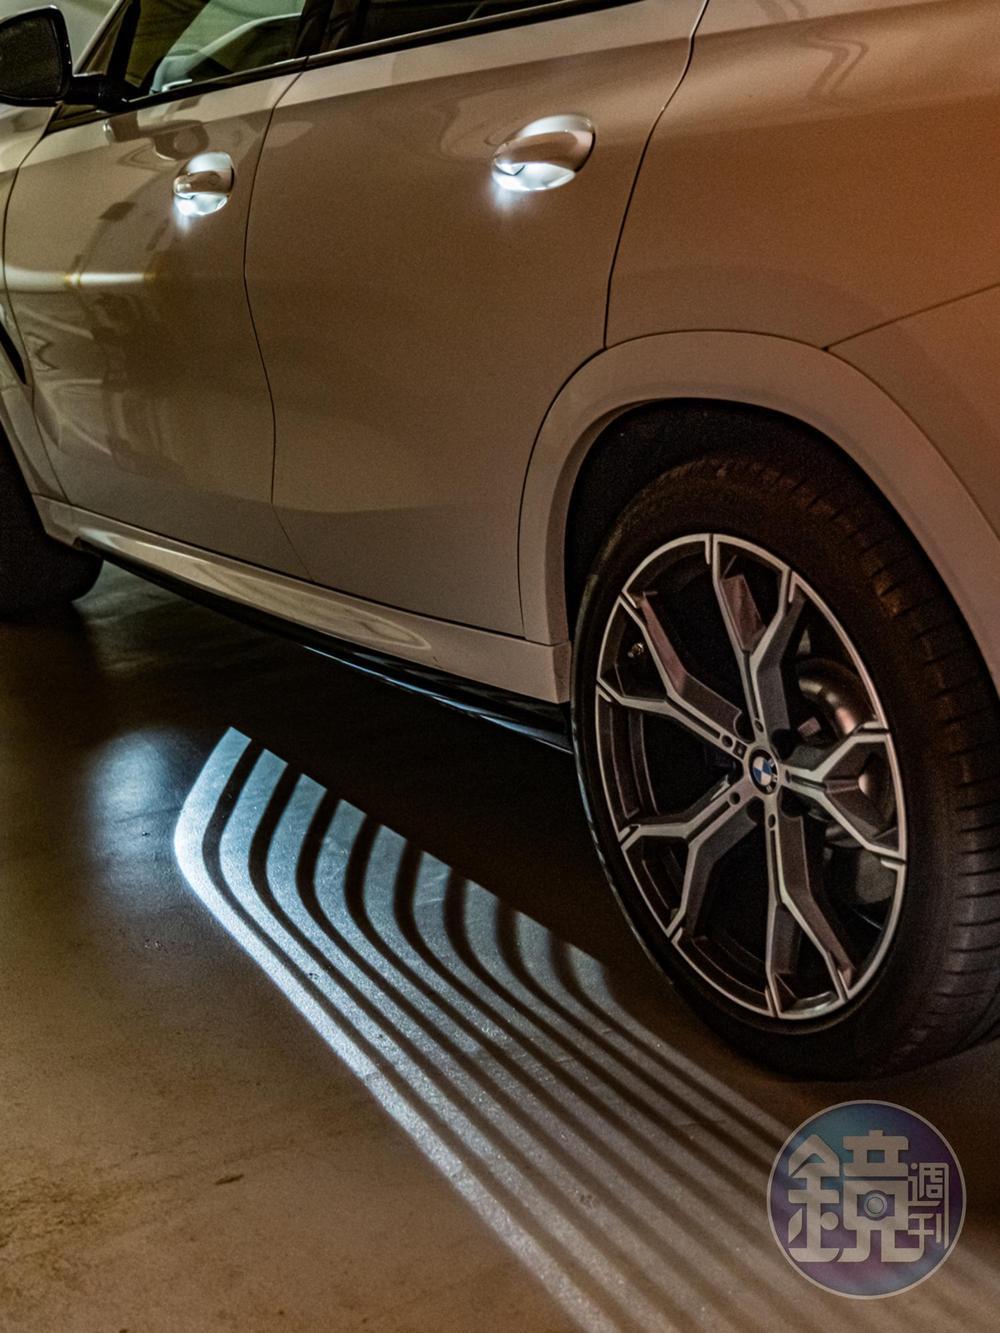 當車主身上攜帶鑰匙並距離車輛3公尺時,會主動開啟環艙氣氛燈組與迎賓光毯。